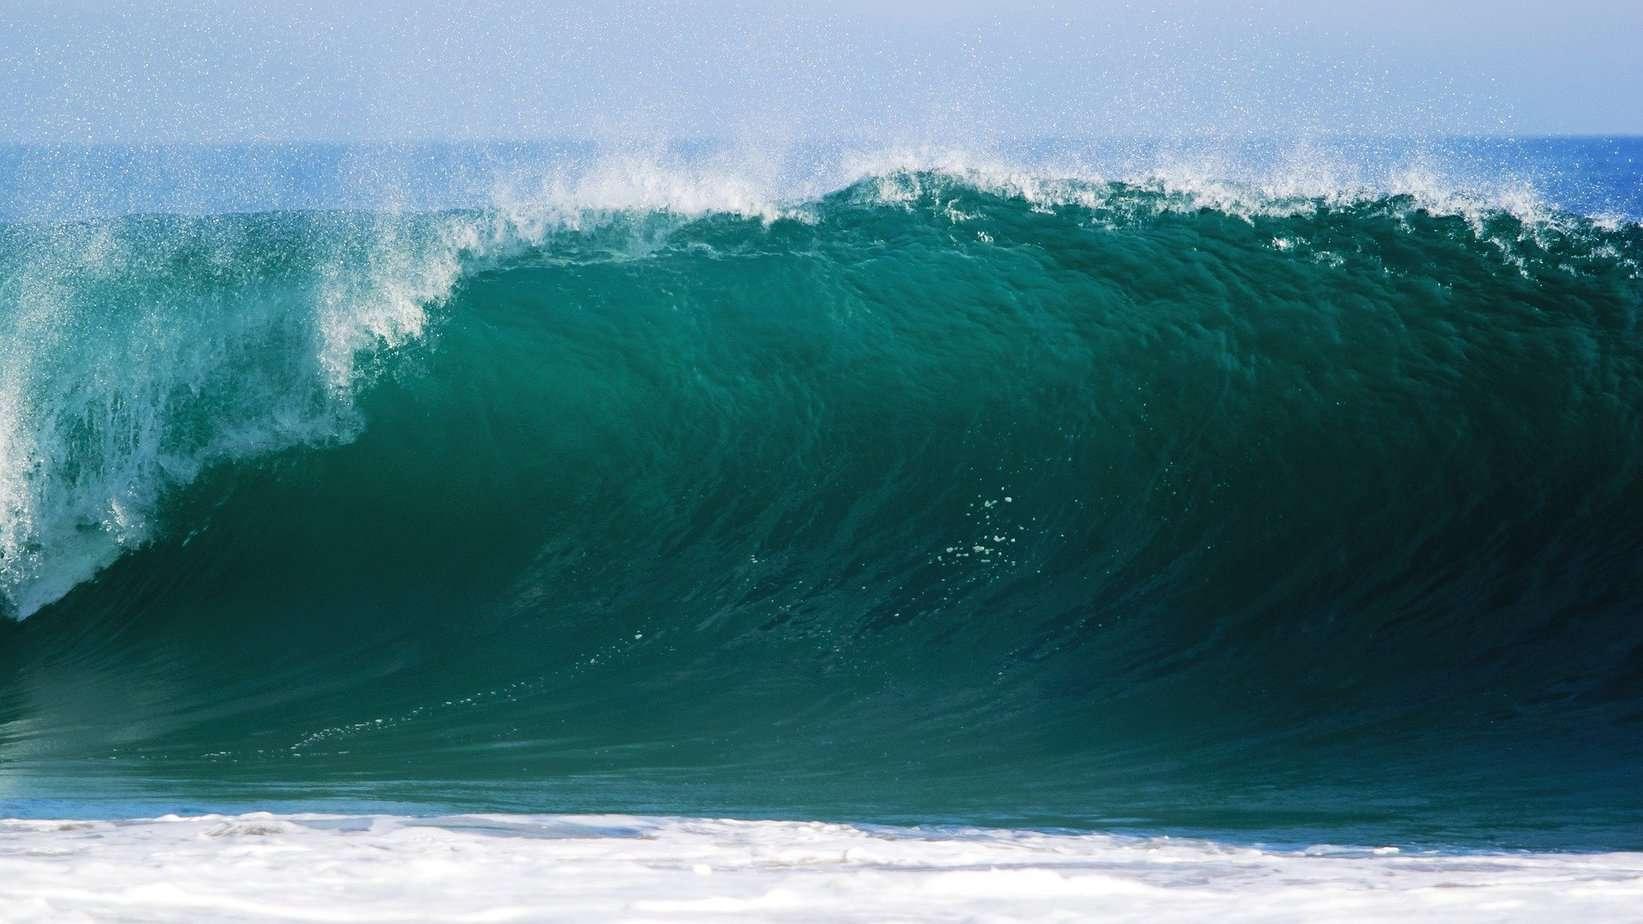 surfer sur la vague remede insomnie prise de pilule le soir pour dormir